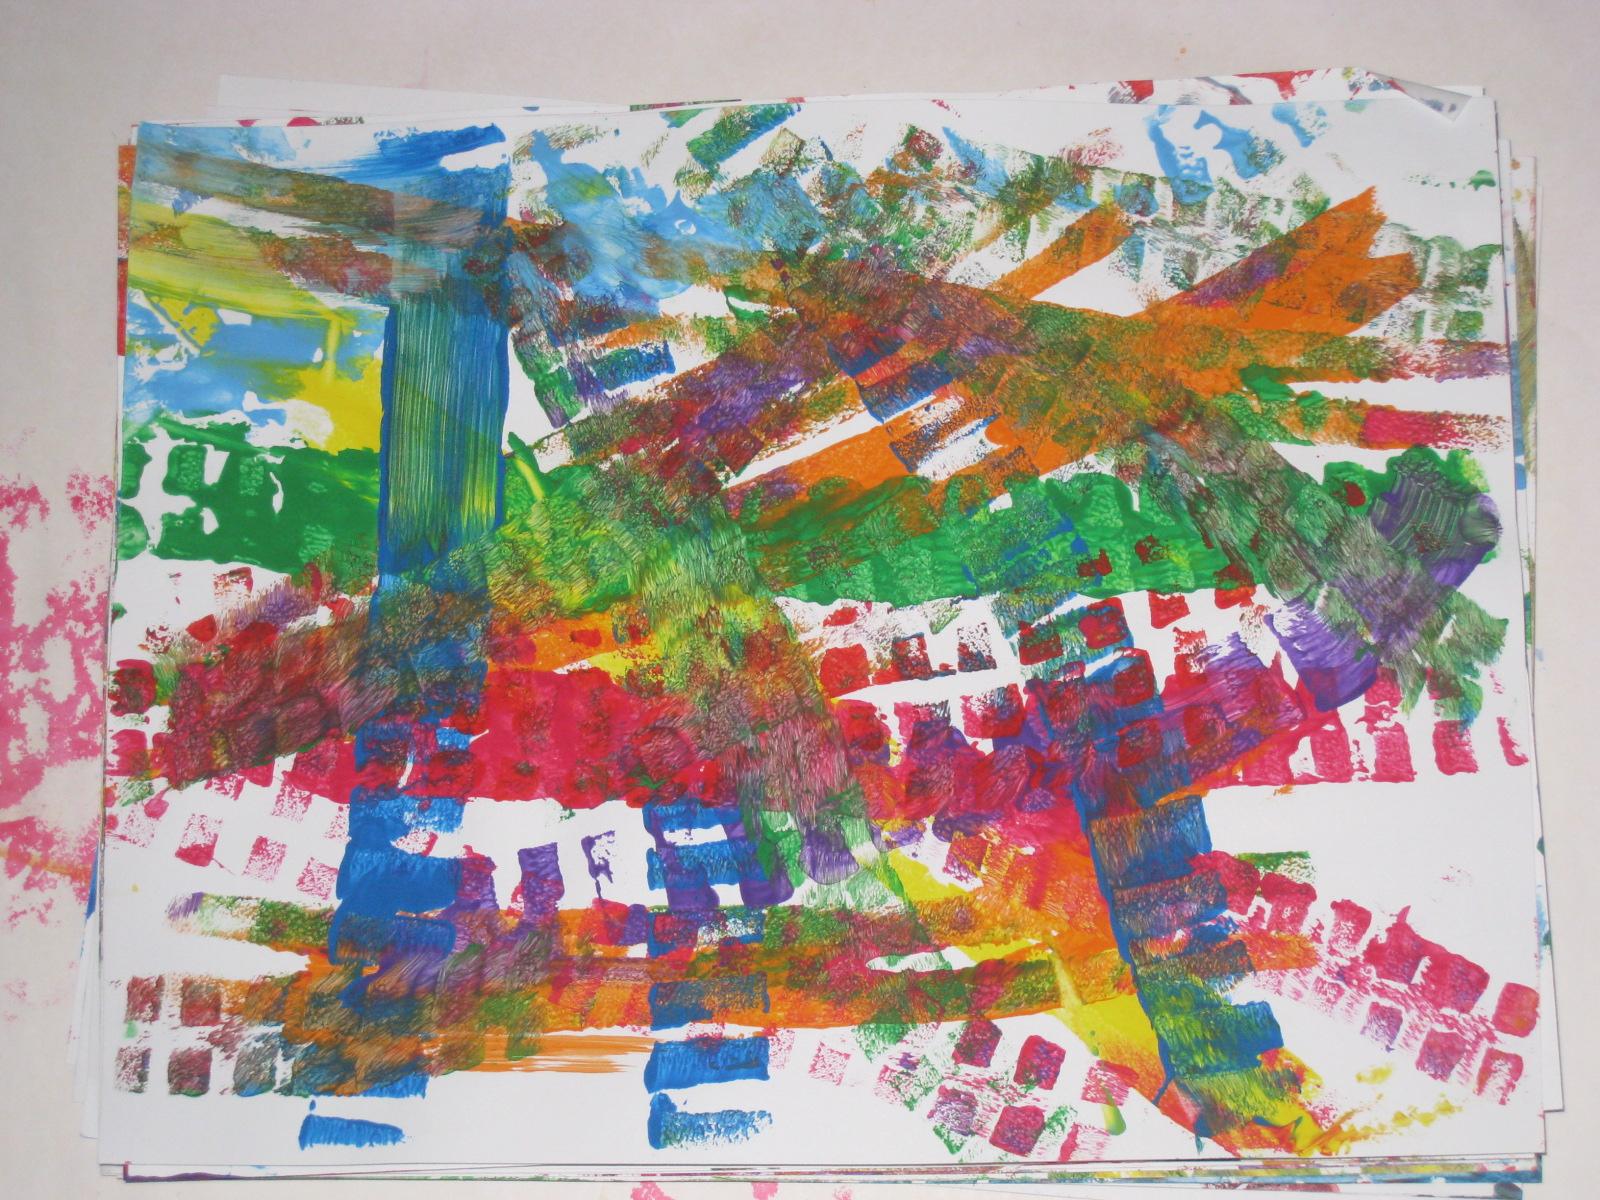 Berühmt Arts visuels maternelle - Le jardin d'Alysse NQ02